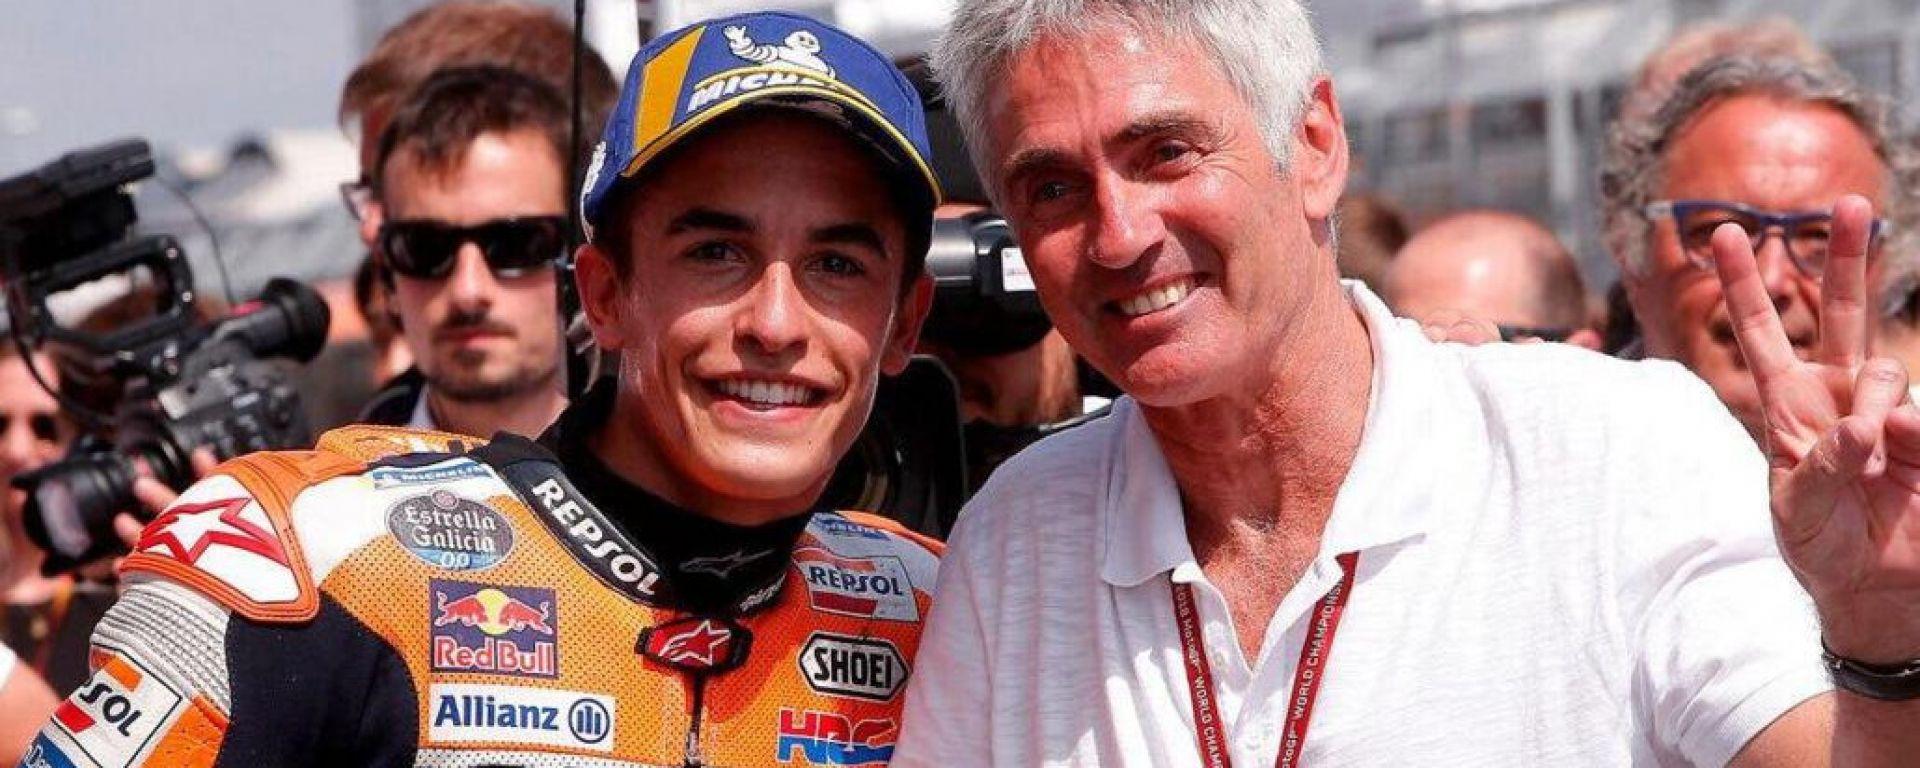 MotoGP: Marc Marquez e Mick Doohan